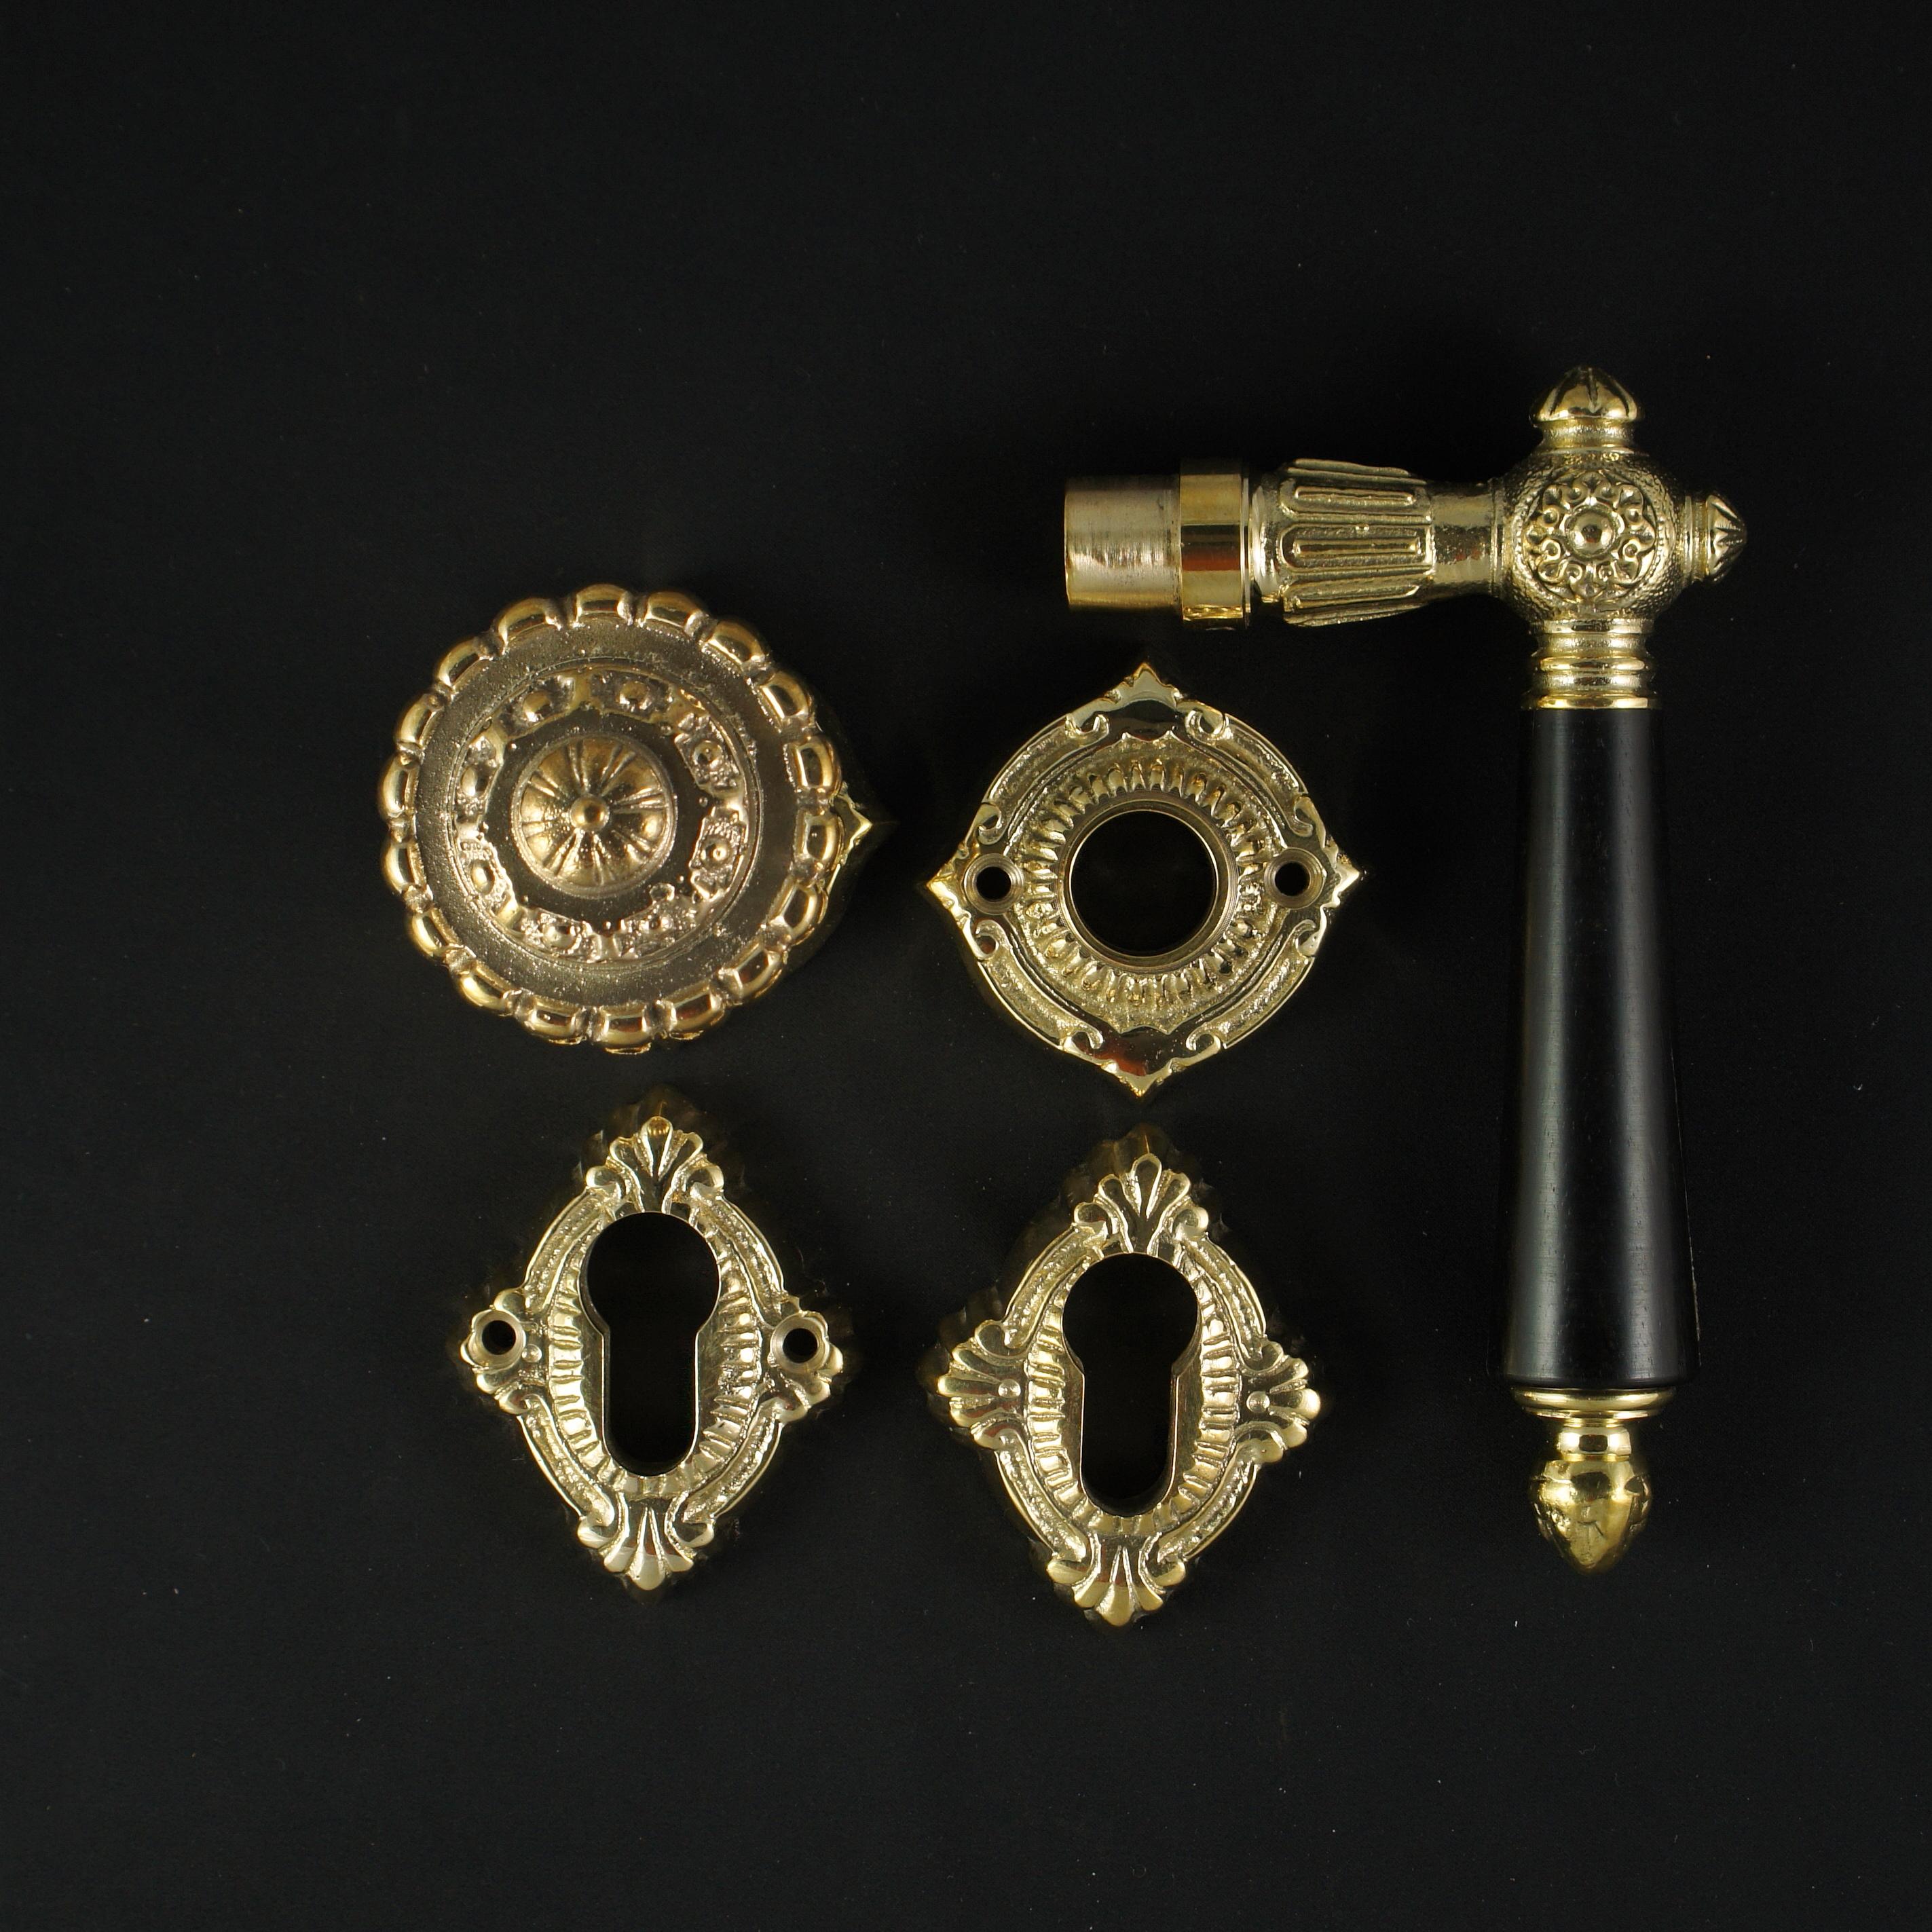 Eingangstür Rosettengarnitur Gründerzeitstil - antike Türdrücker, Türklinken, Türbeschläge